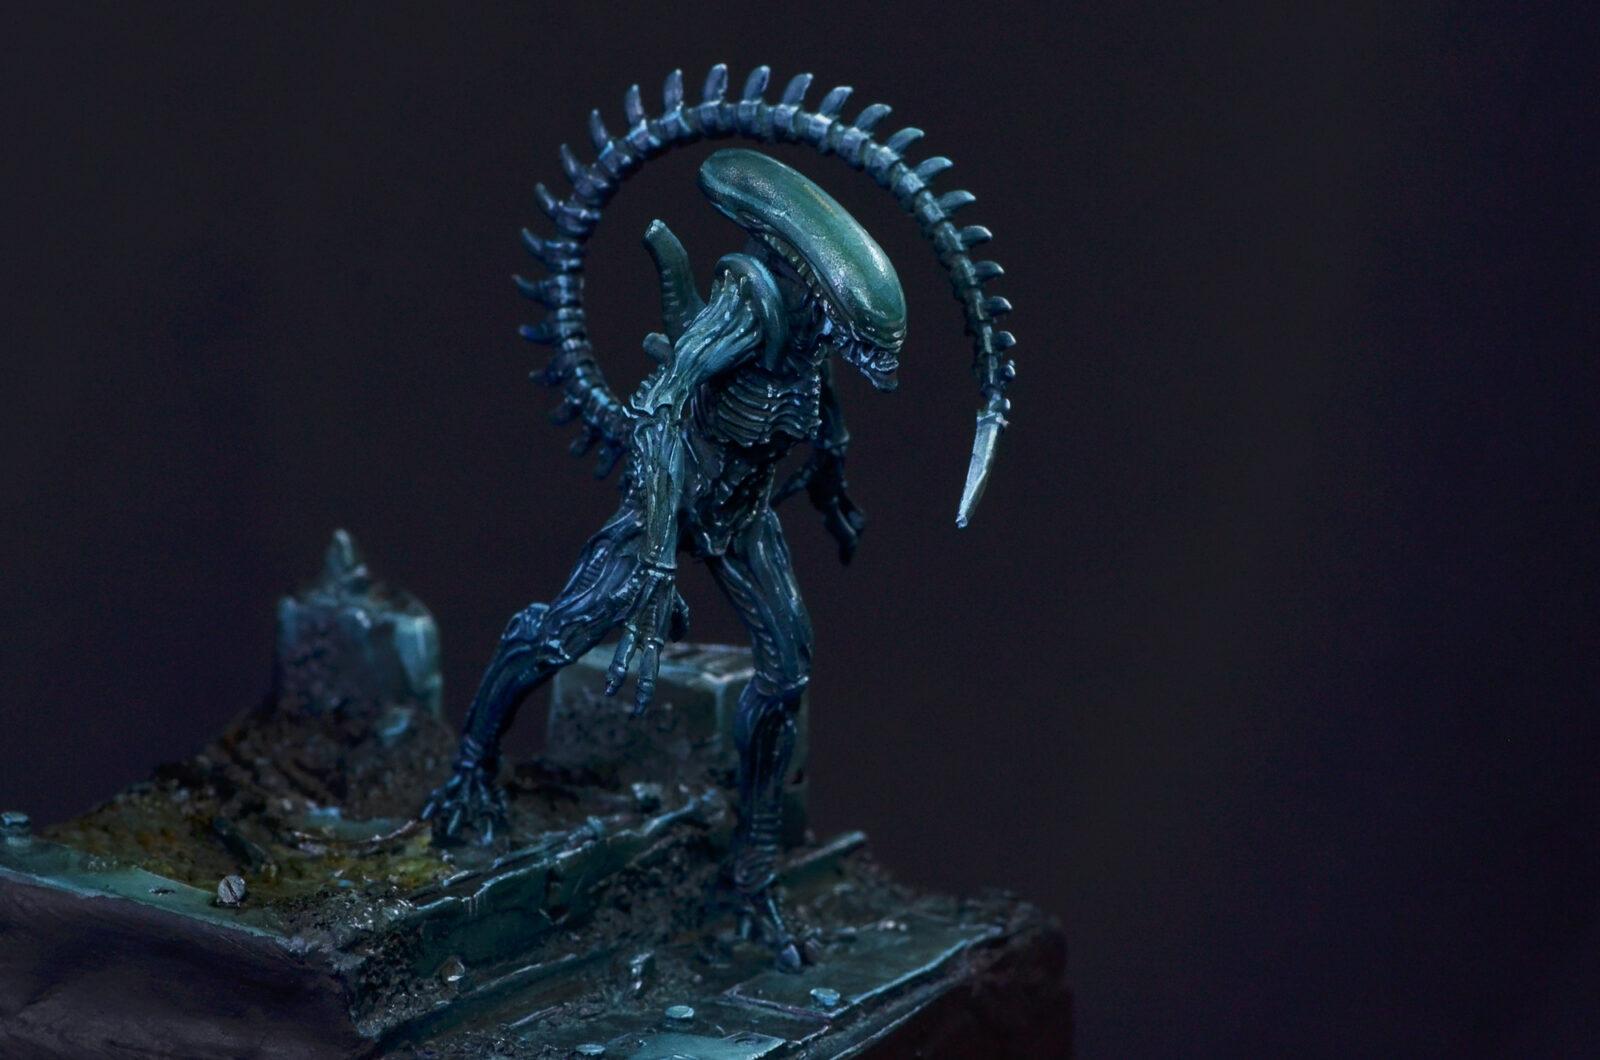 Alien09